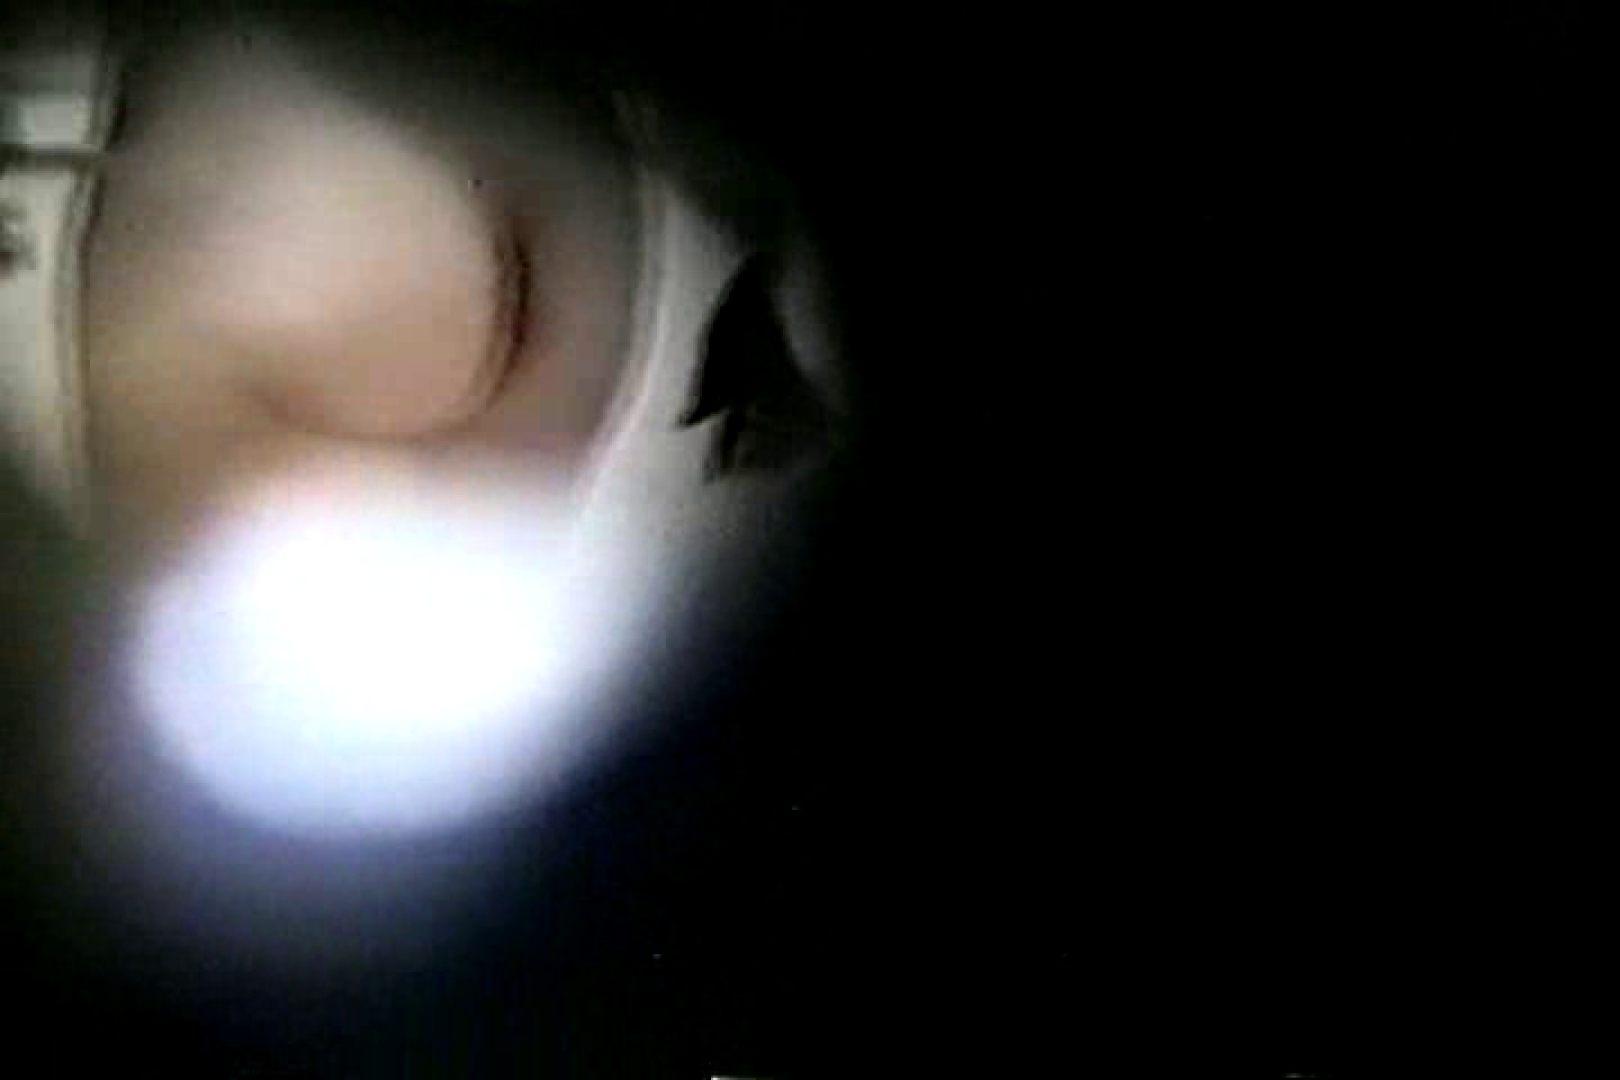 深夜の撮影会Vol.6 企画 隠し撮りオマンコ動画紹介 24連発 24